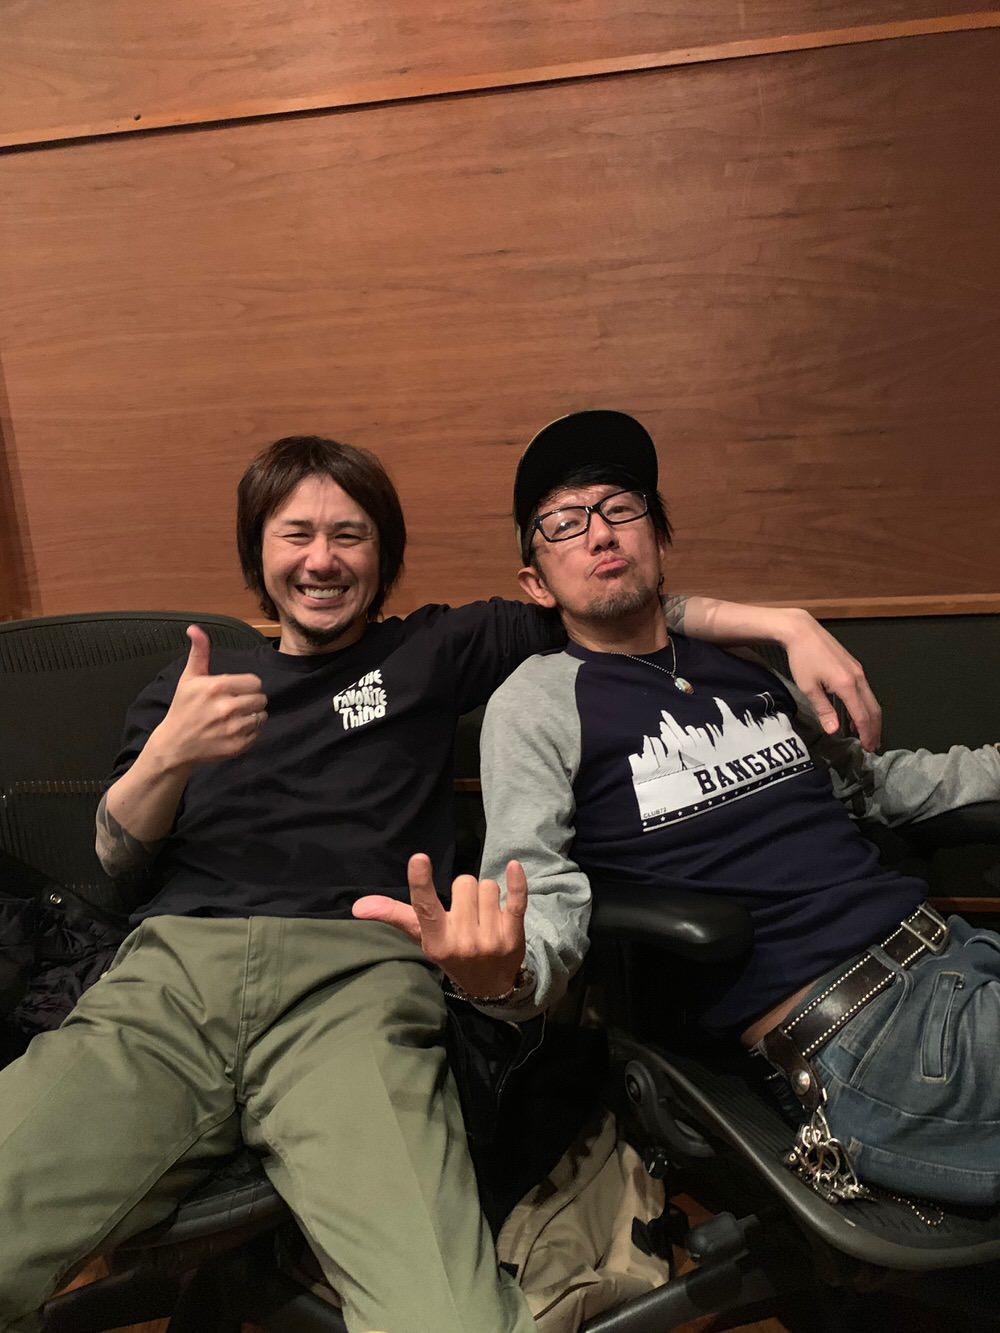 スタジオから宮本さんが帰ってしまった後も Do you remember? を聴いて盛り上がる Jun Gray とオレ